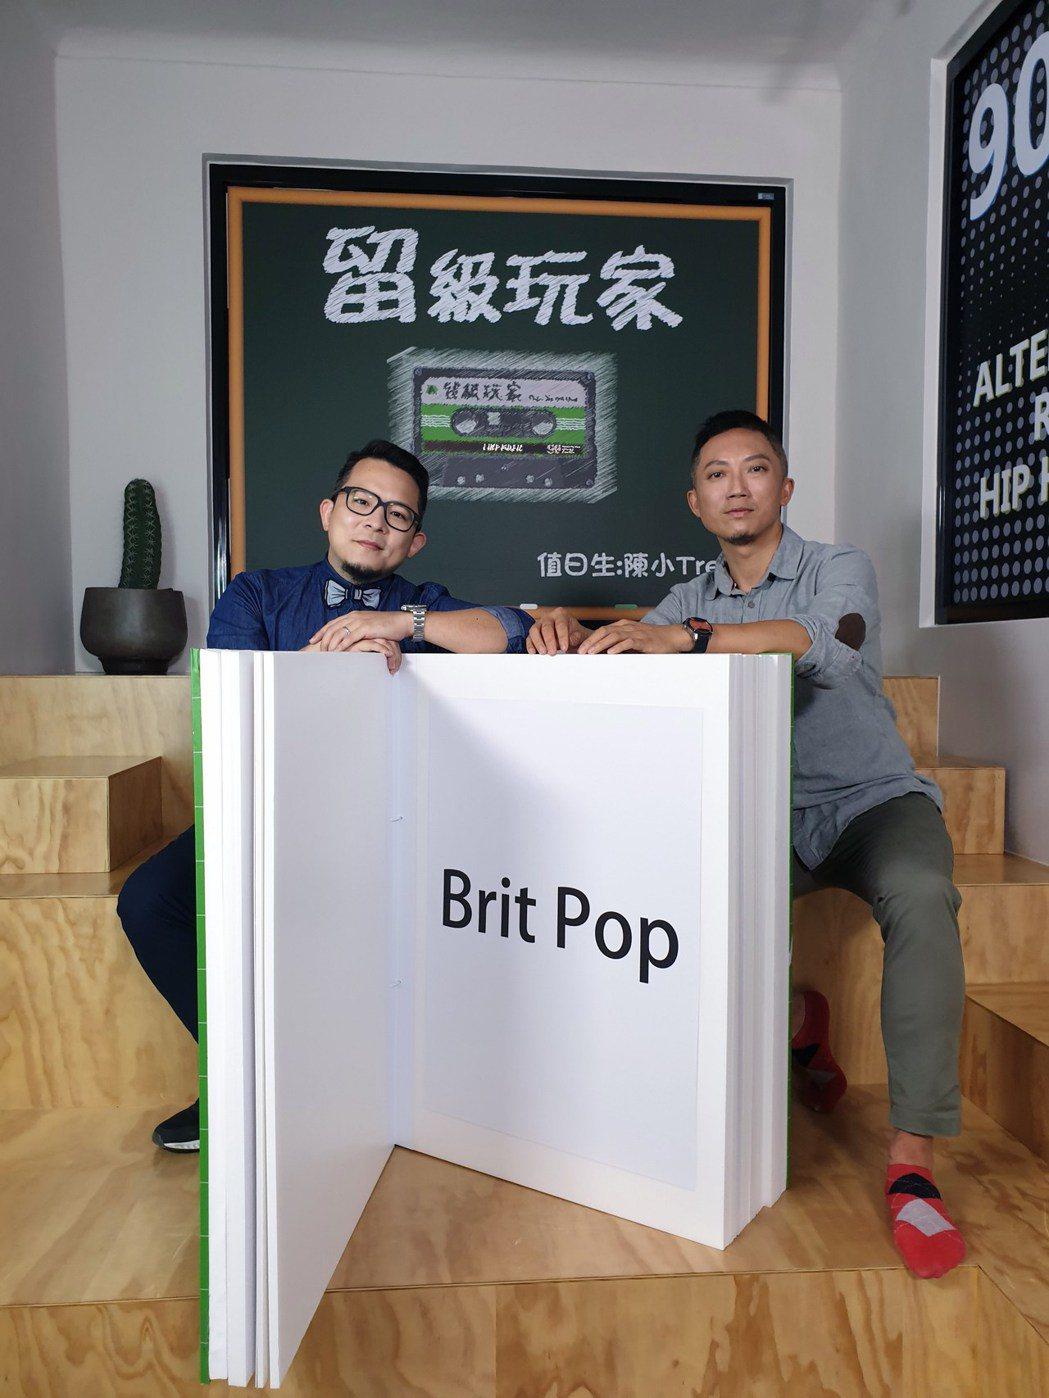 小樹(右)主持新節目,邀來蘇打綠小威當首集嘉賓。圖/新視紀整合行銷提供